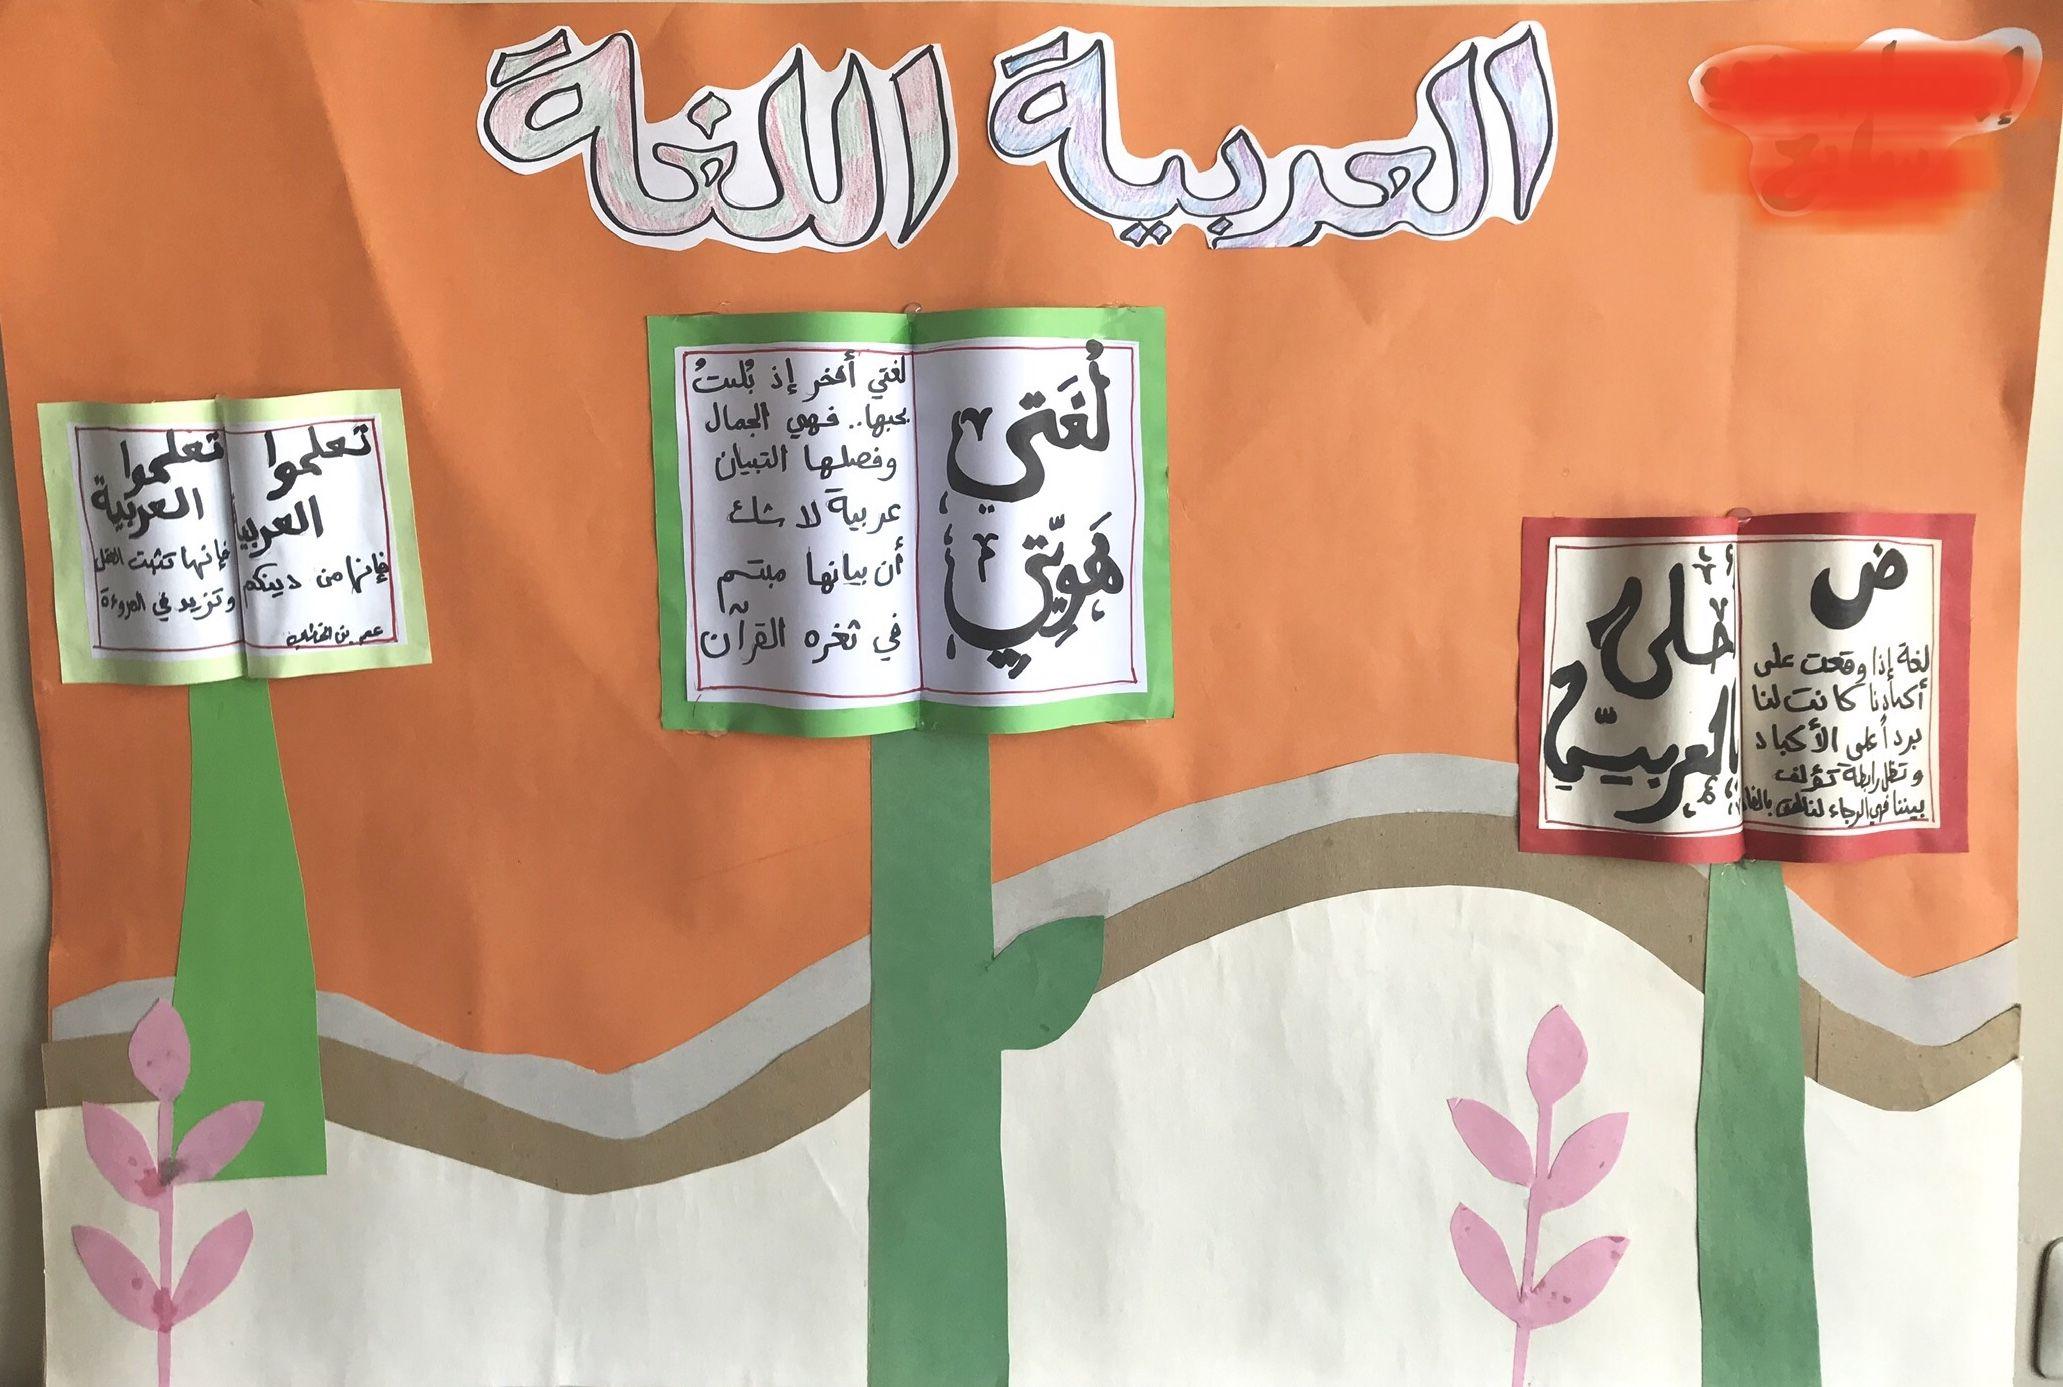 مشروع للمدرسة للاطفال لوحة عن اللغة العربية Apron